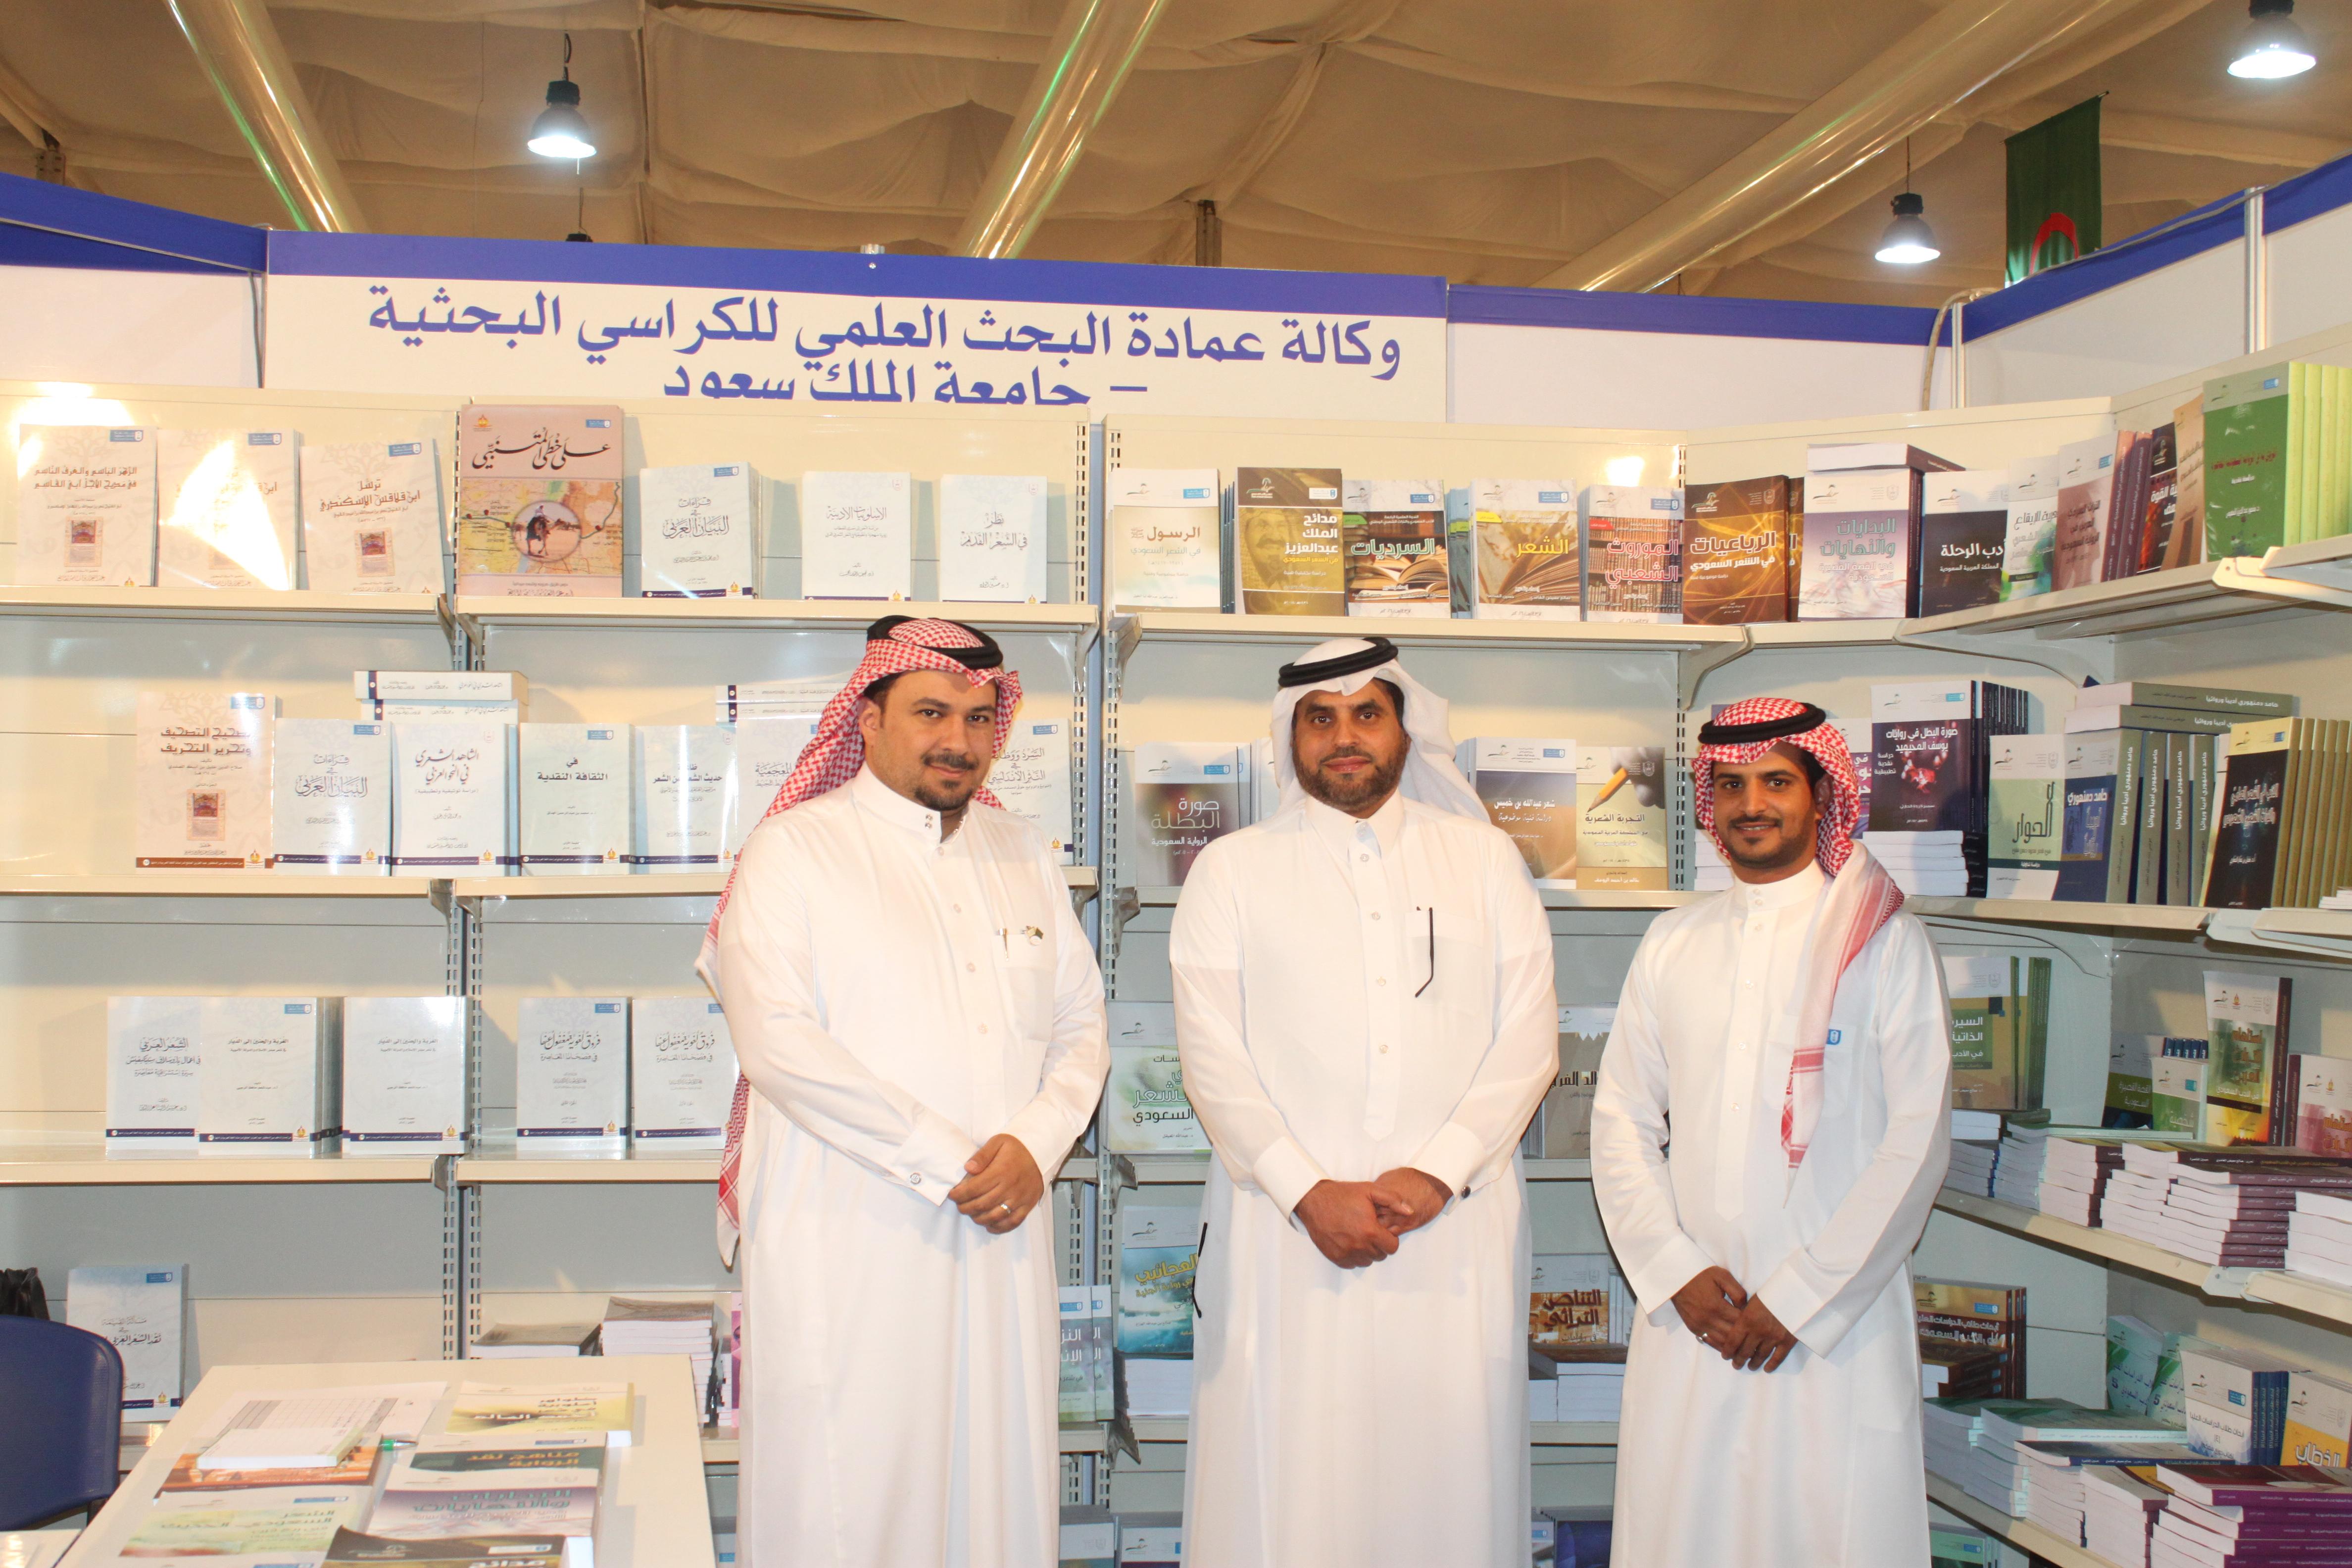 """وكالة عمادة البحث العلمي للكراسي البحثية في معرض جدة الدولي للكتاب """"الكتاب حضارة"""""""